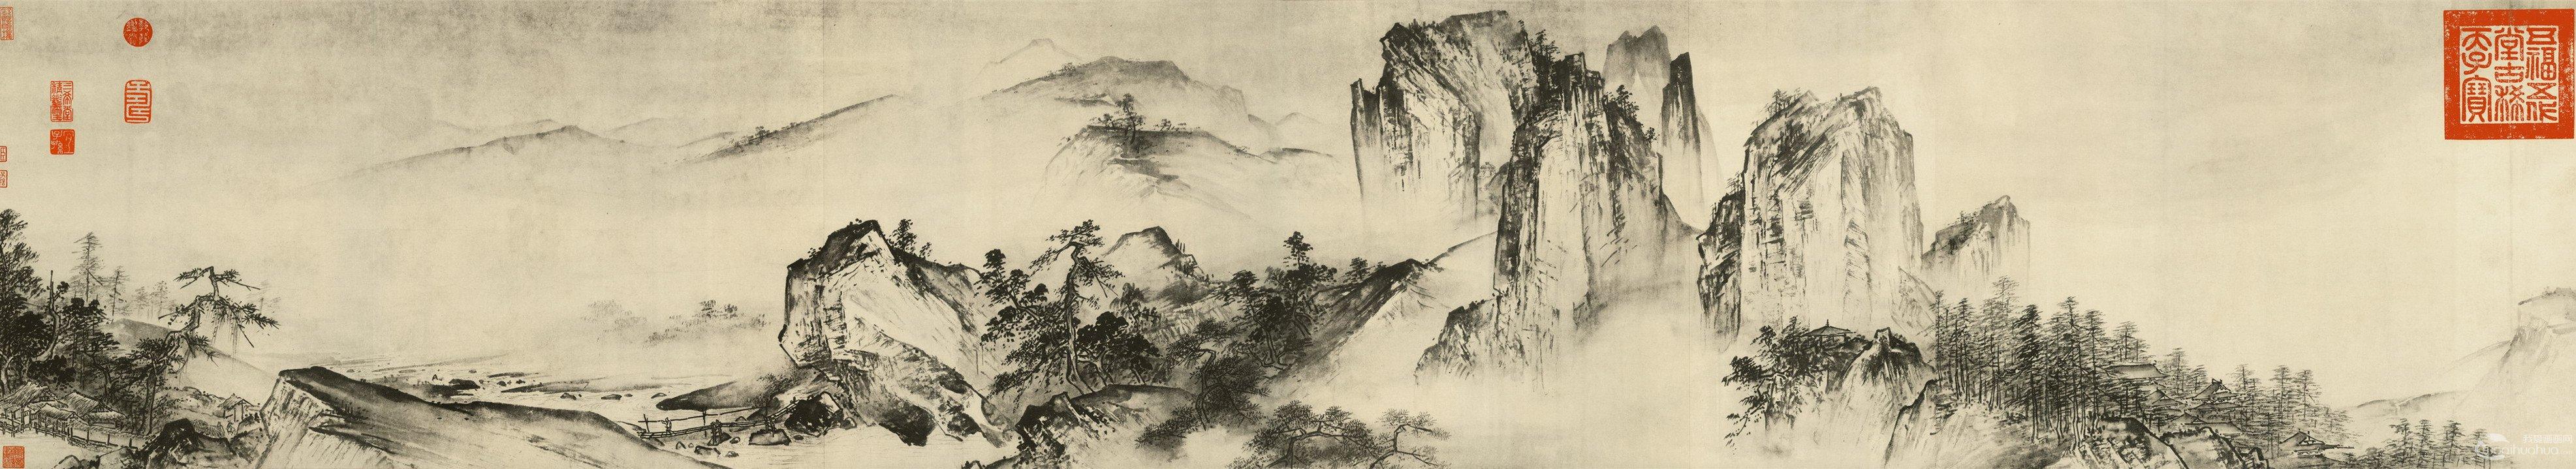 《溪山清远图》(第一段)高清大图欣赏    宋夏圭水墨山水长卷《溪山图片